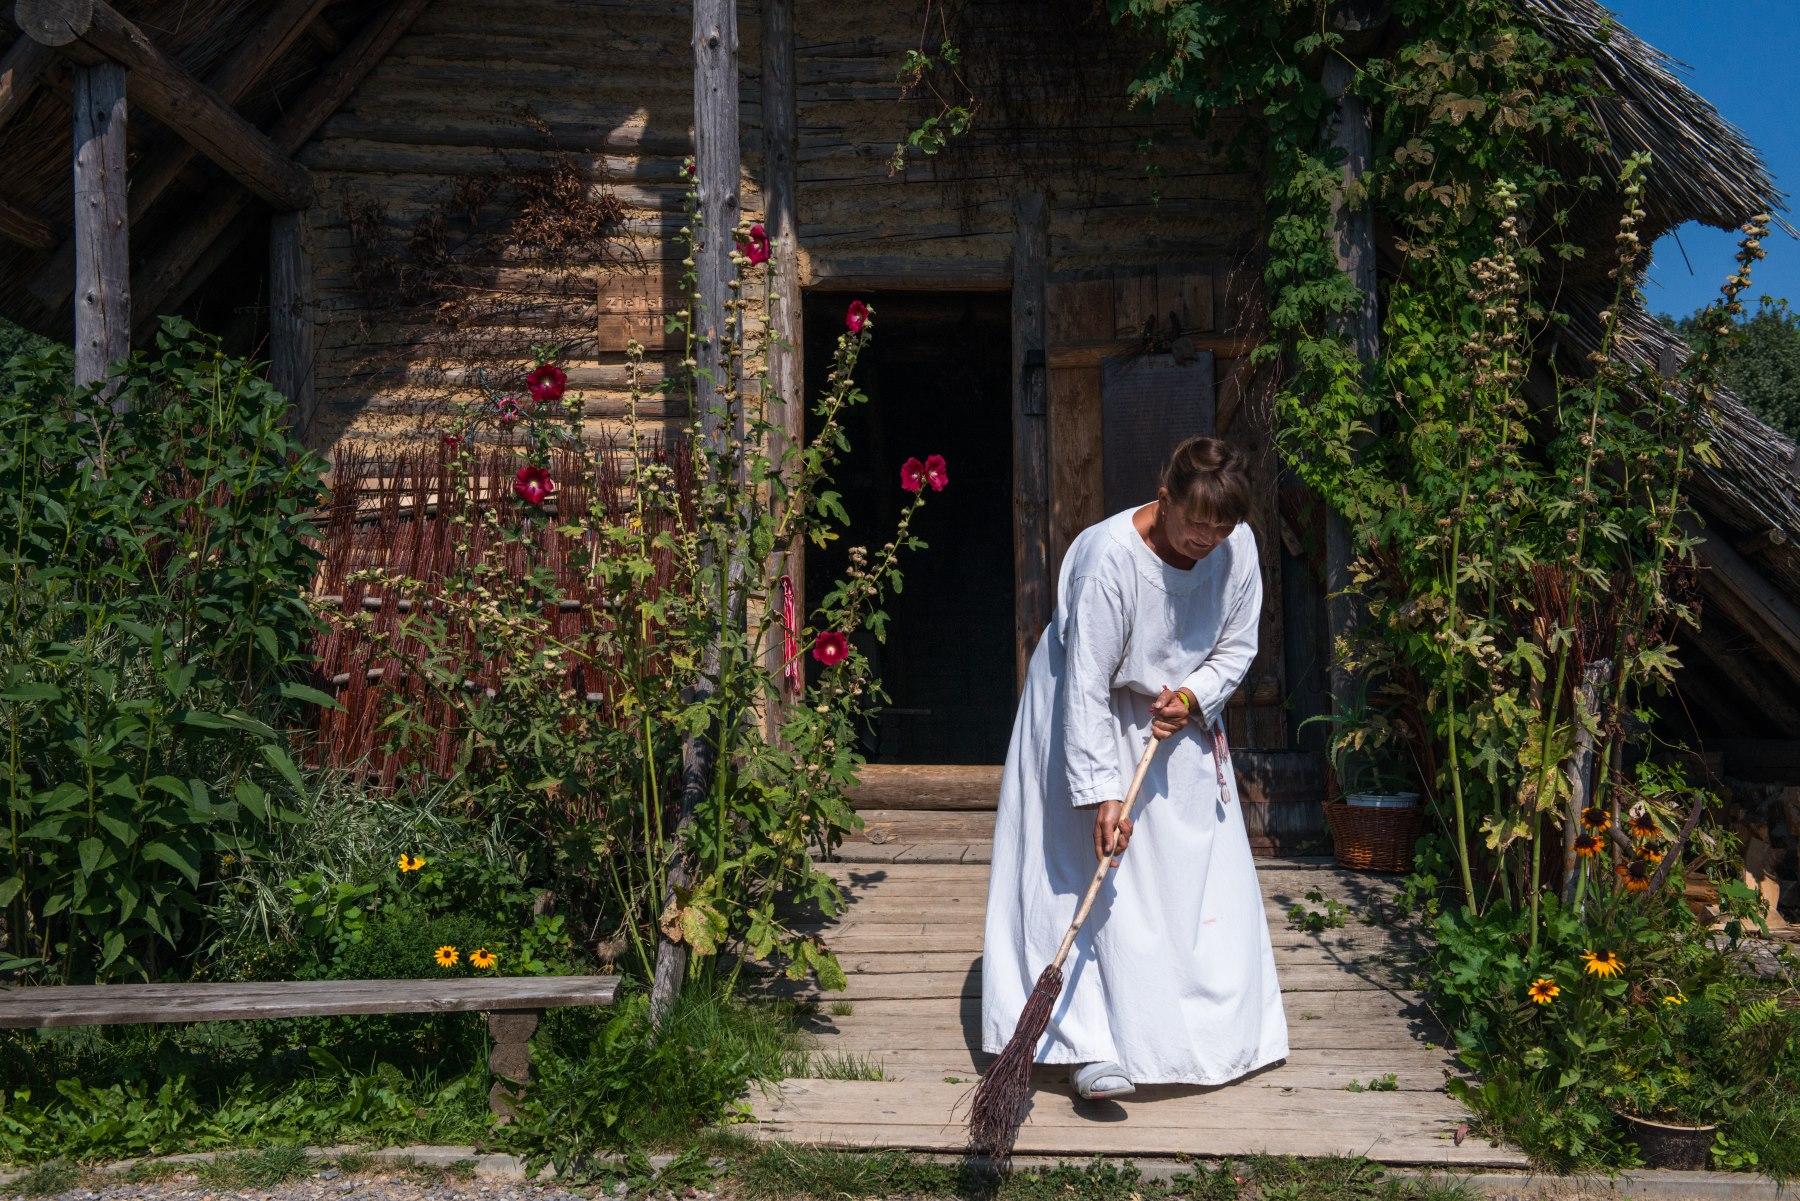 Kobieta zamiata przed drewnianym domem